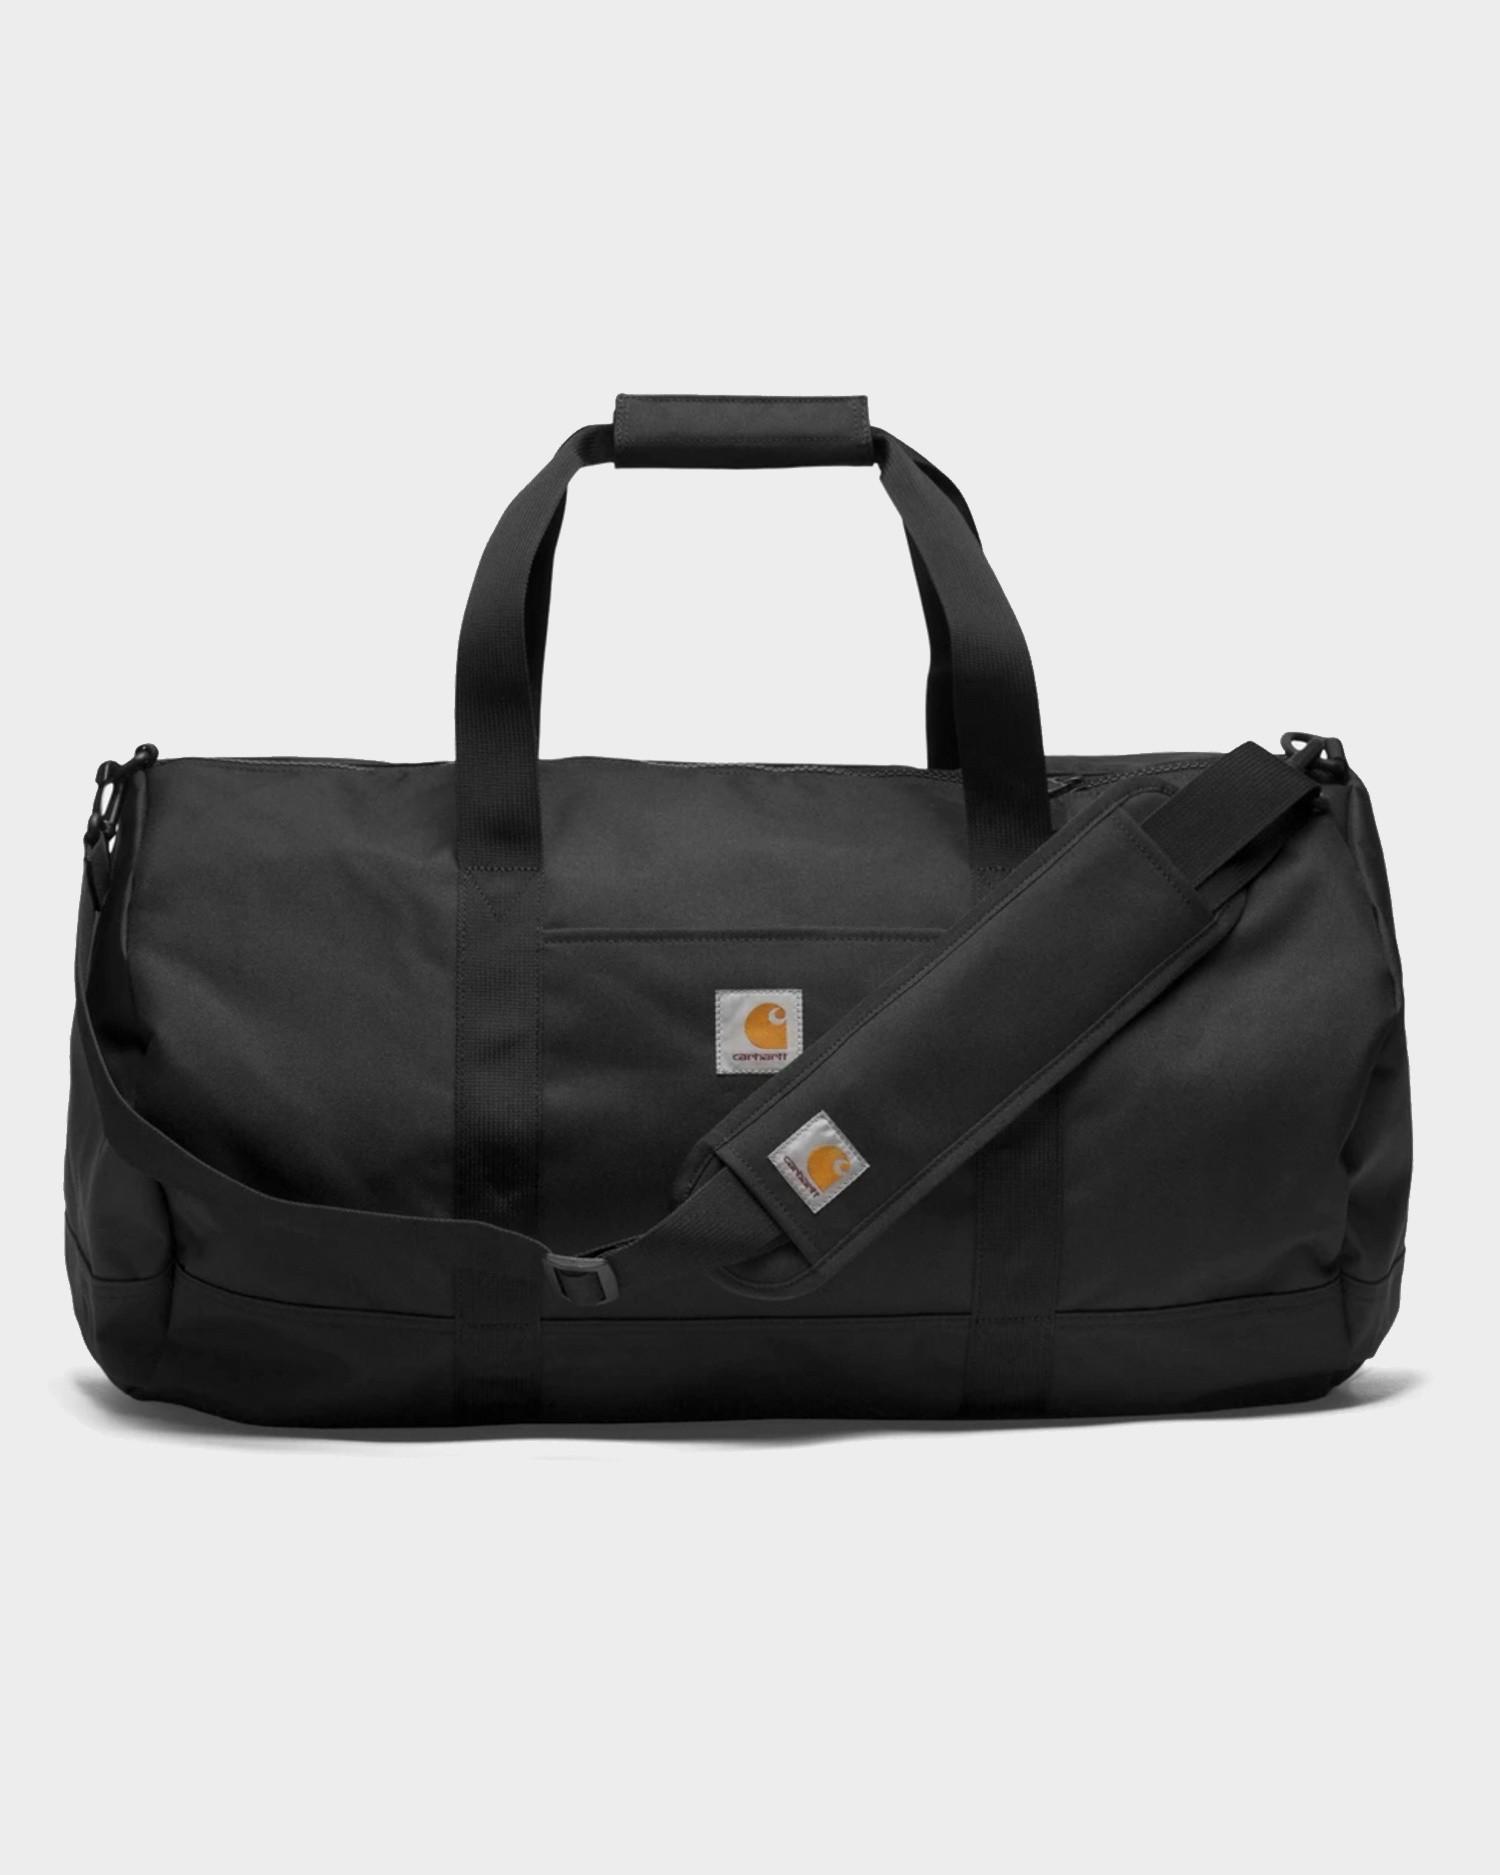 Carhartt Wright Duffle Bag Black